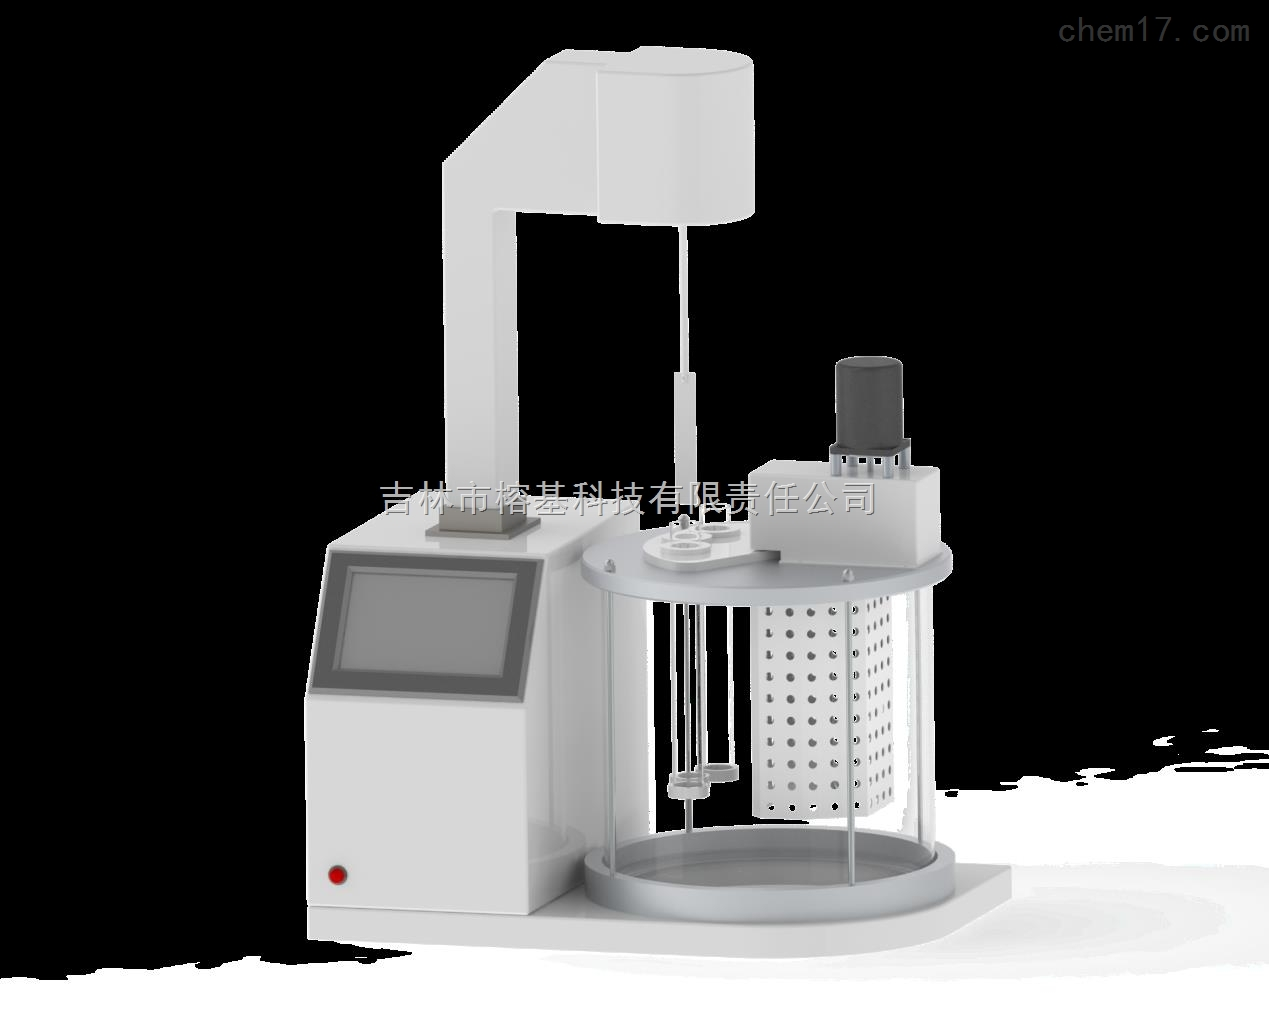 石油产品抗/破乳化测定仪